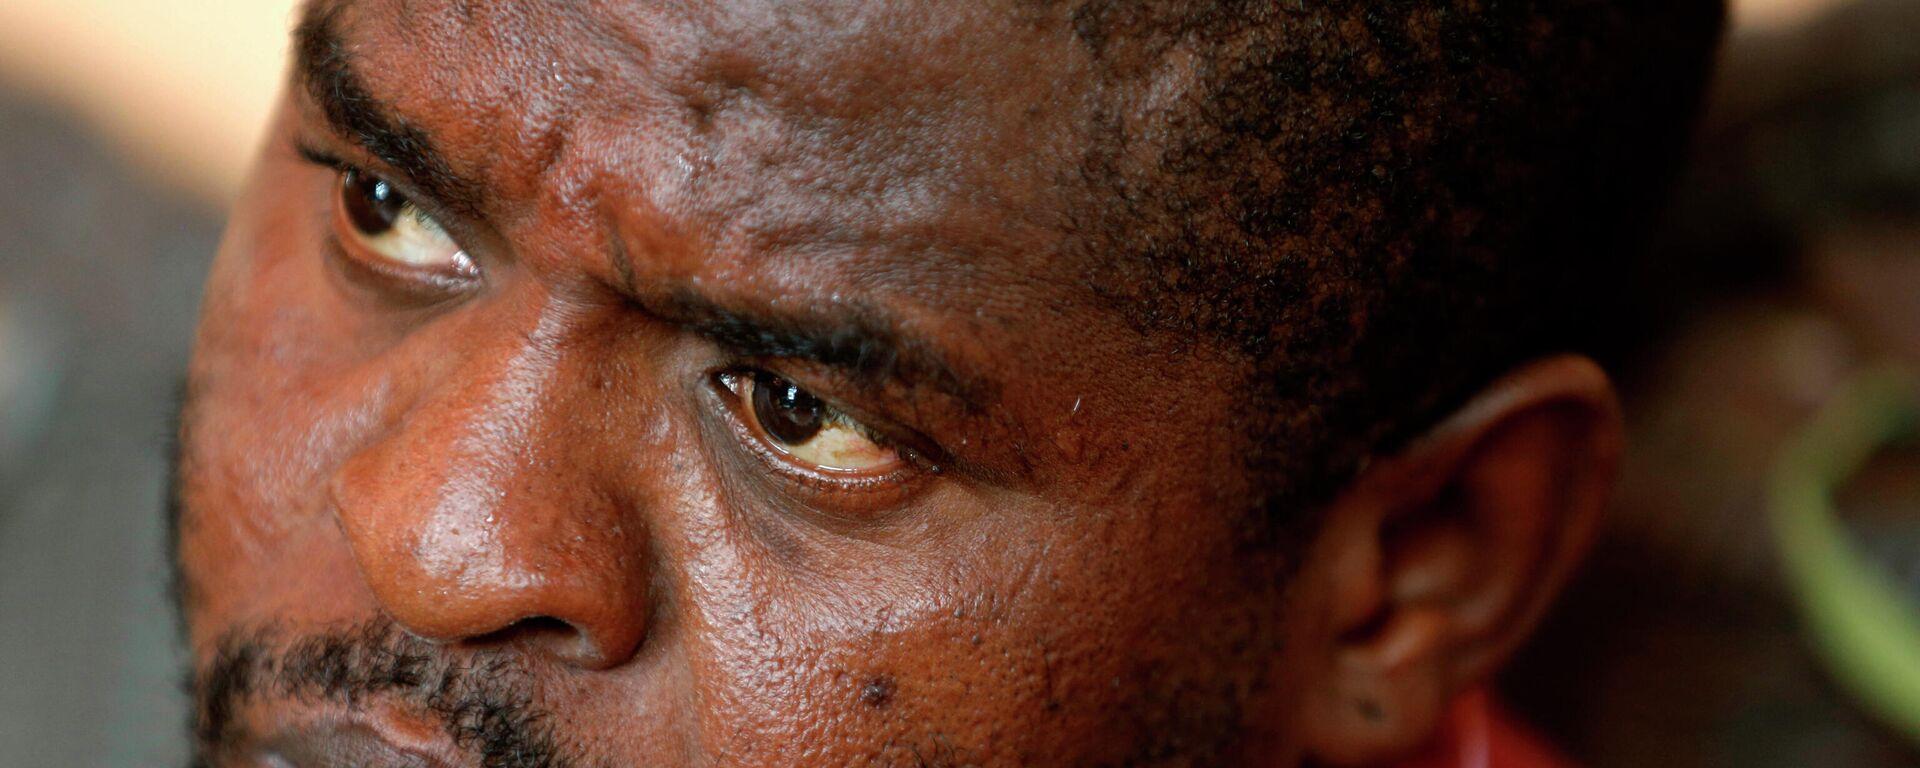 Jimmy Cherizier 'Barbecue', líder de bandas armadas haitianas  - Sputnik Mundo, 1920, 09.09.2021